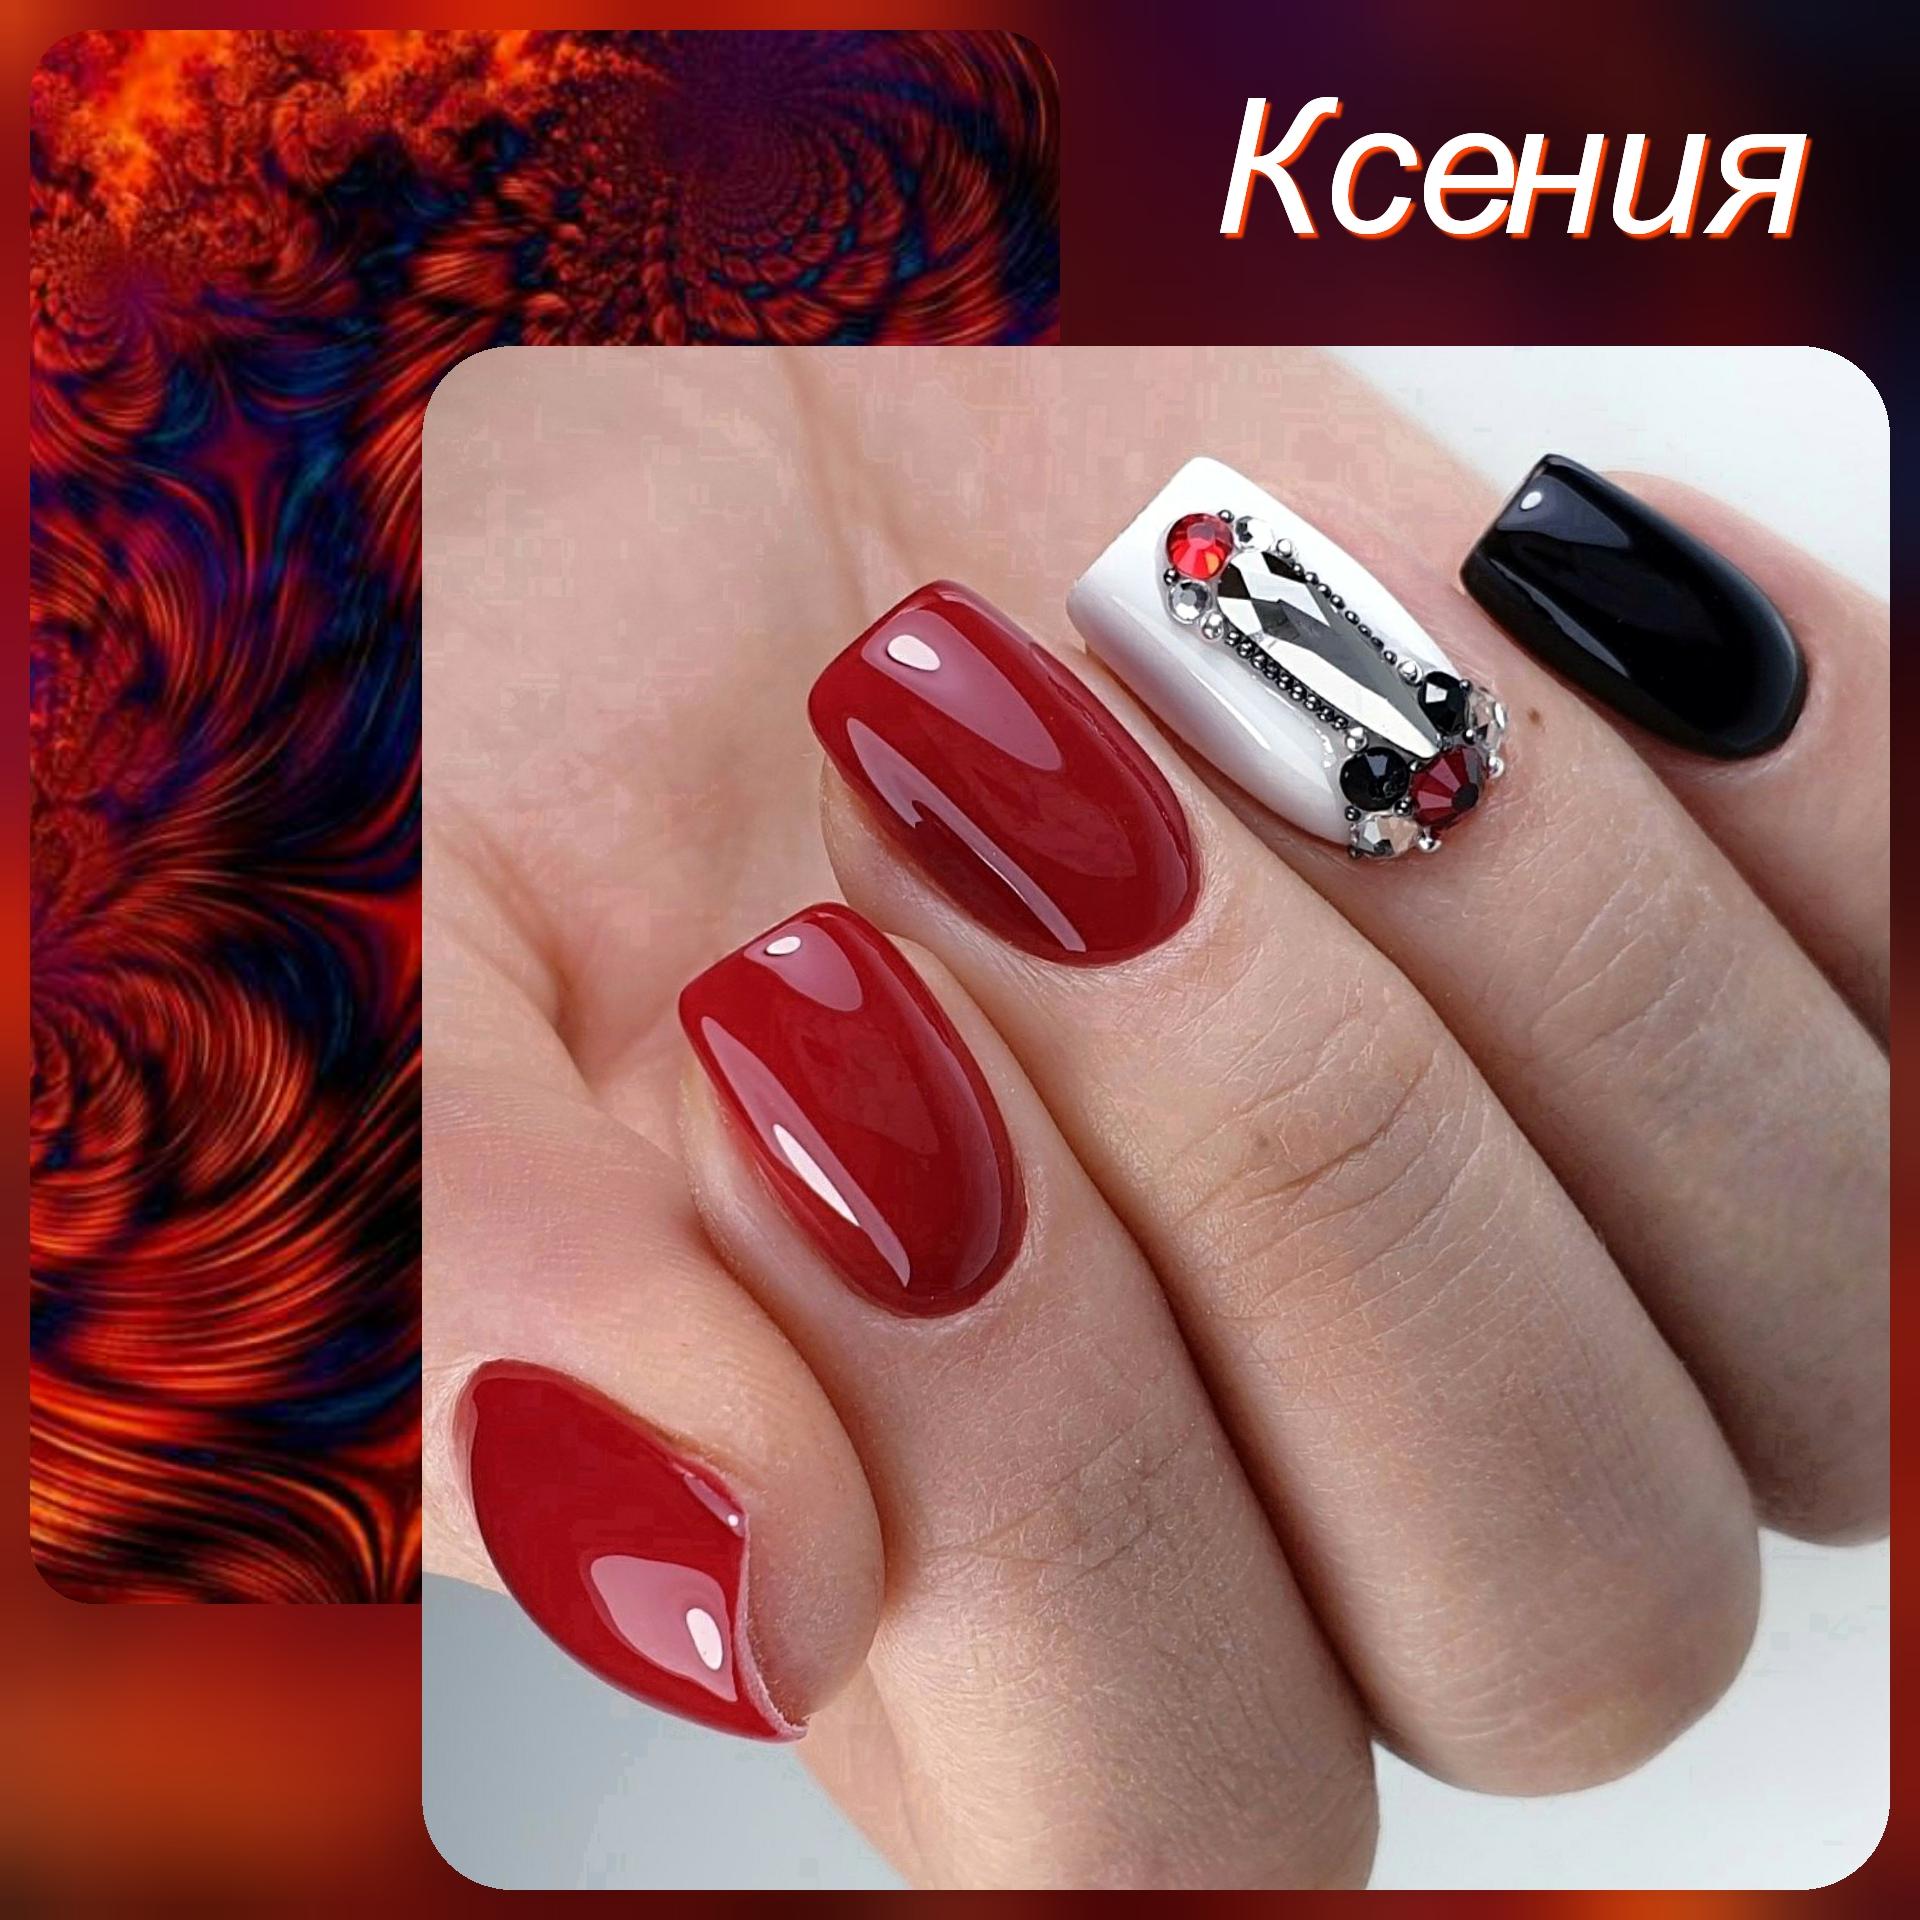 Маникюр со стразами в бордовом цвете.